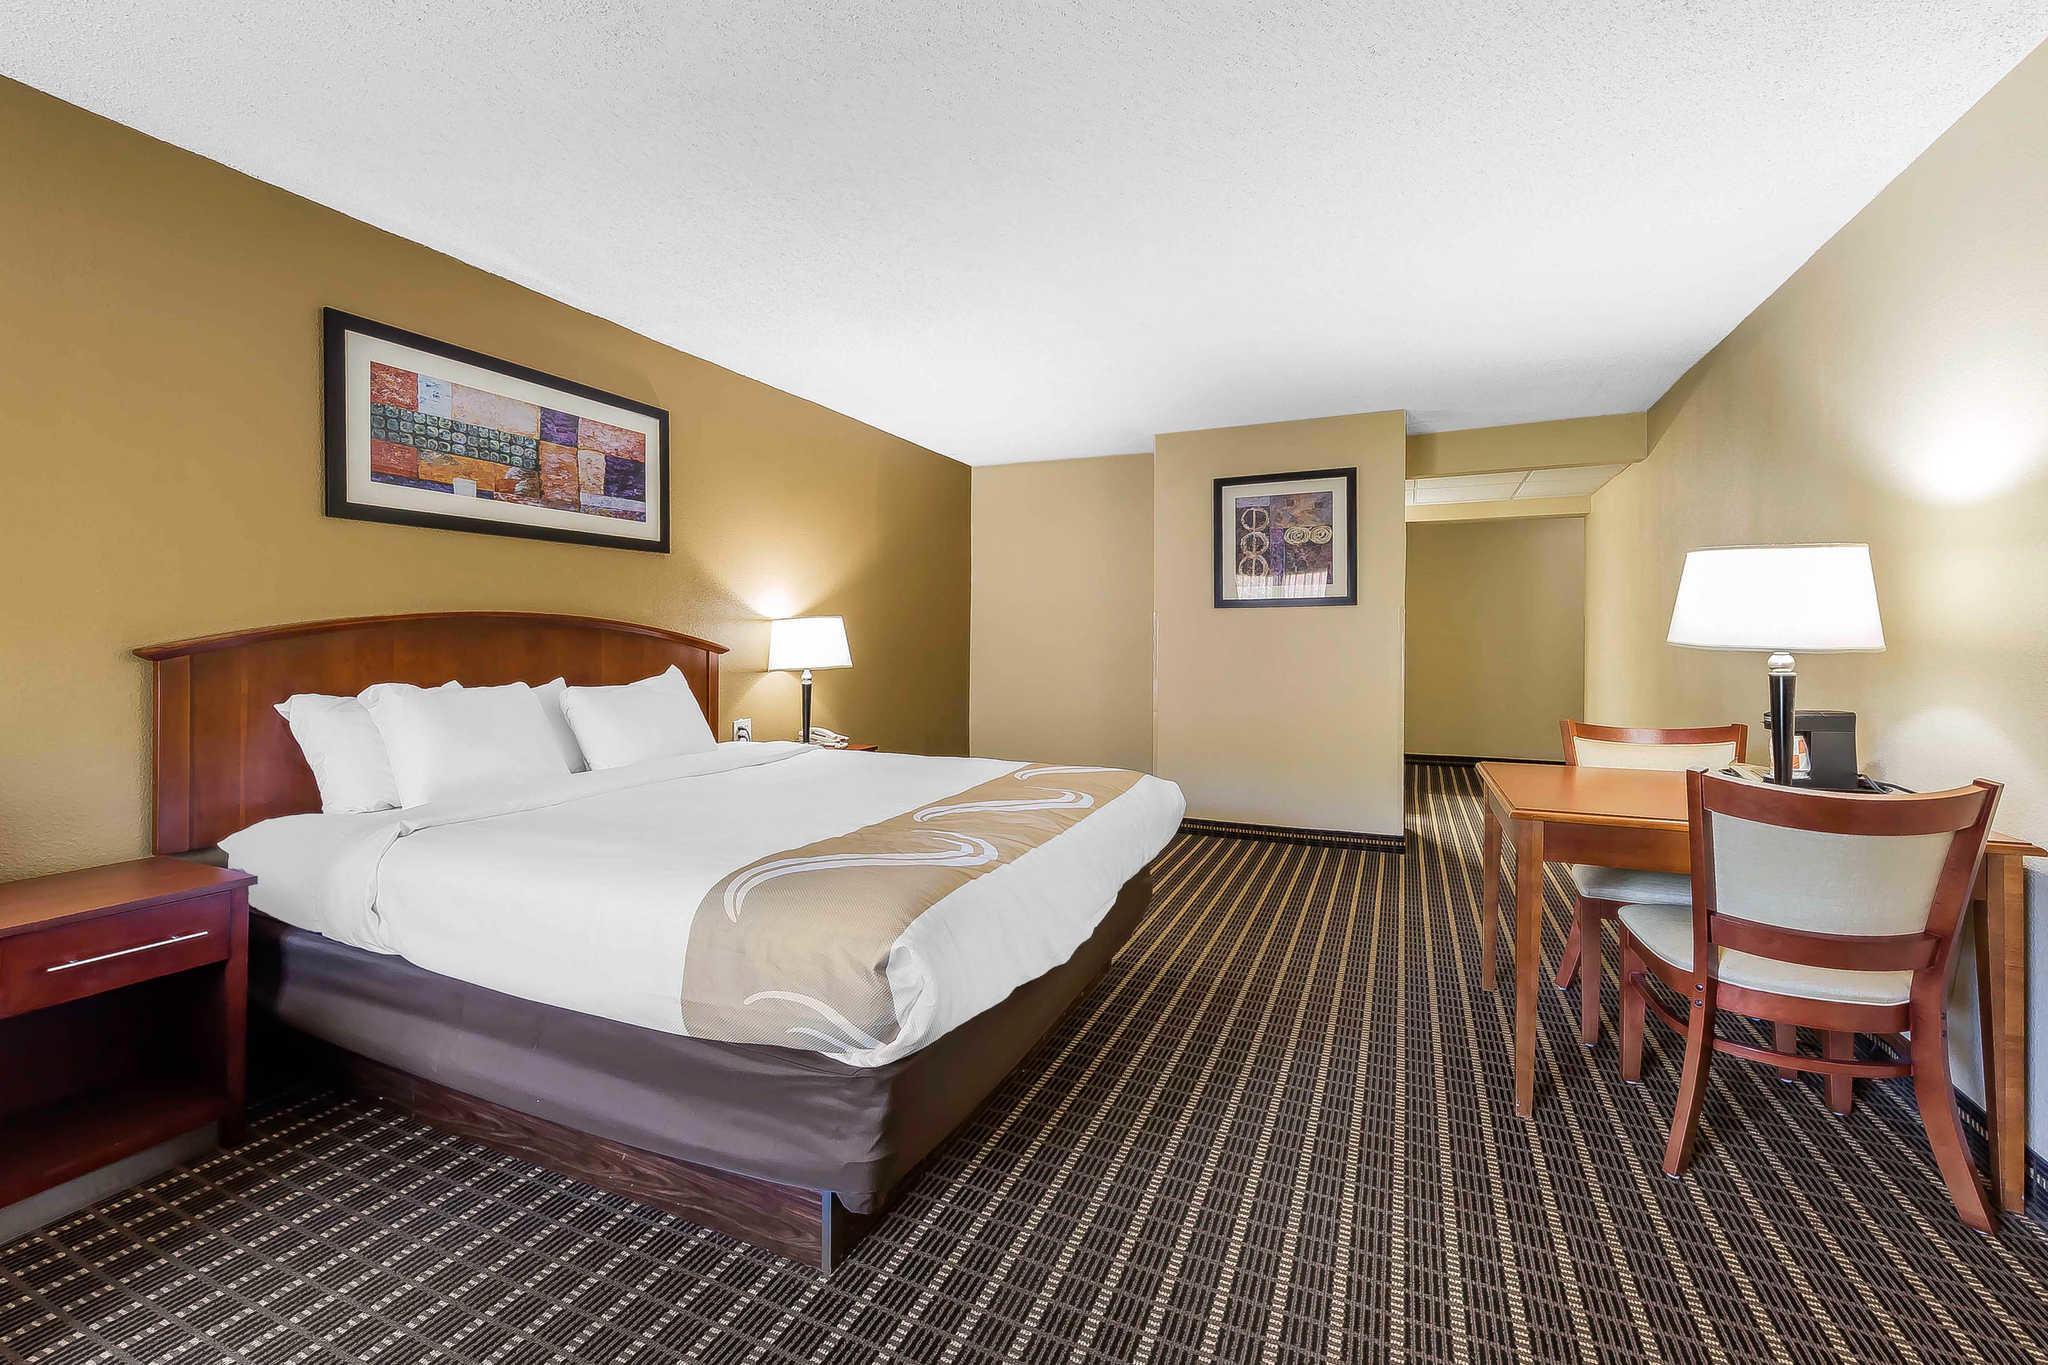 Quality Inn & Suites River Suites image 5